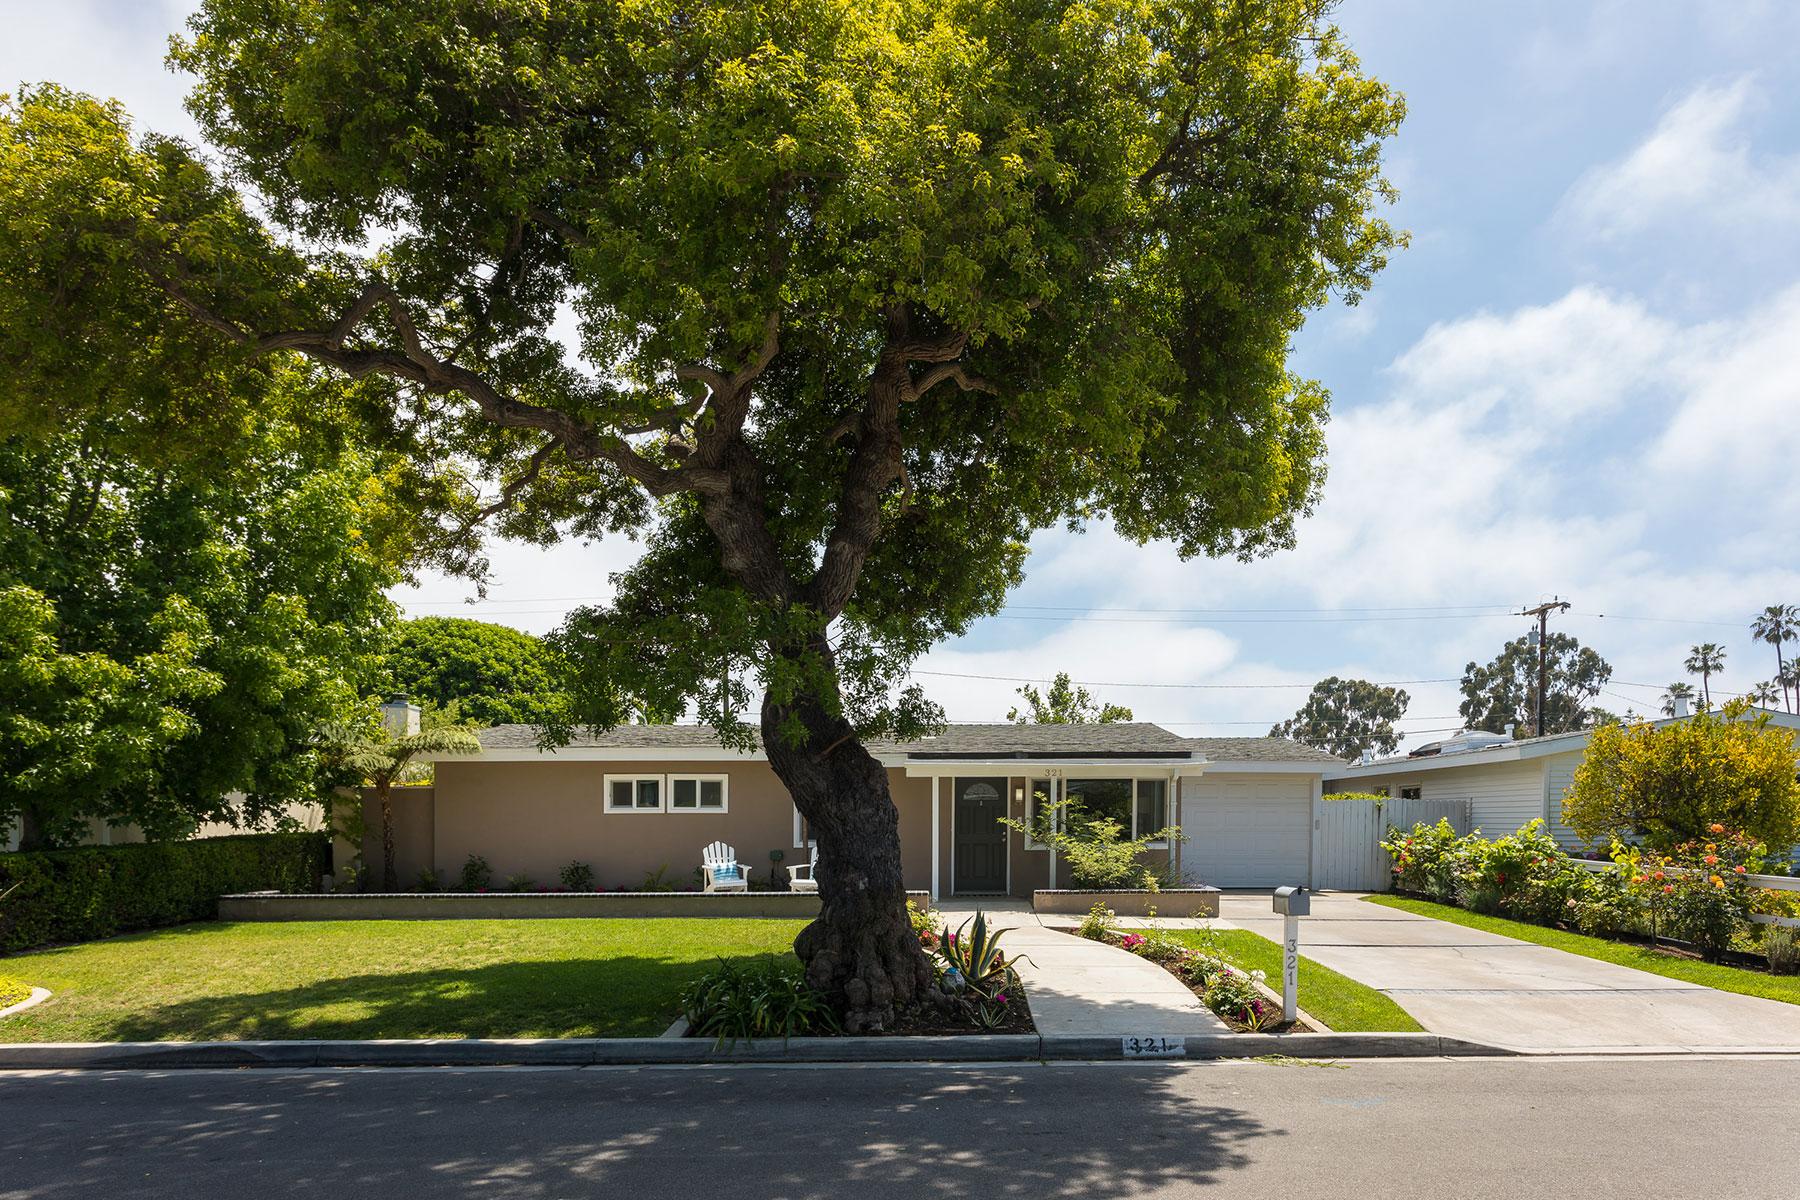 Maison unifamiliale pour l Vente à 321 Ramona Costa Mesa, Californie 92627 États-Unis